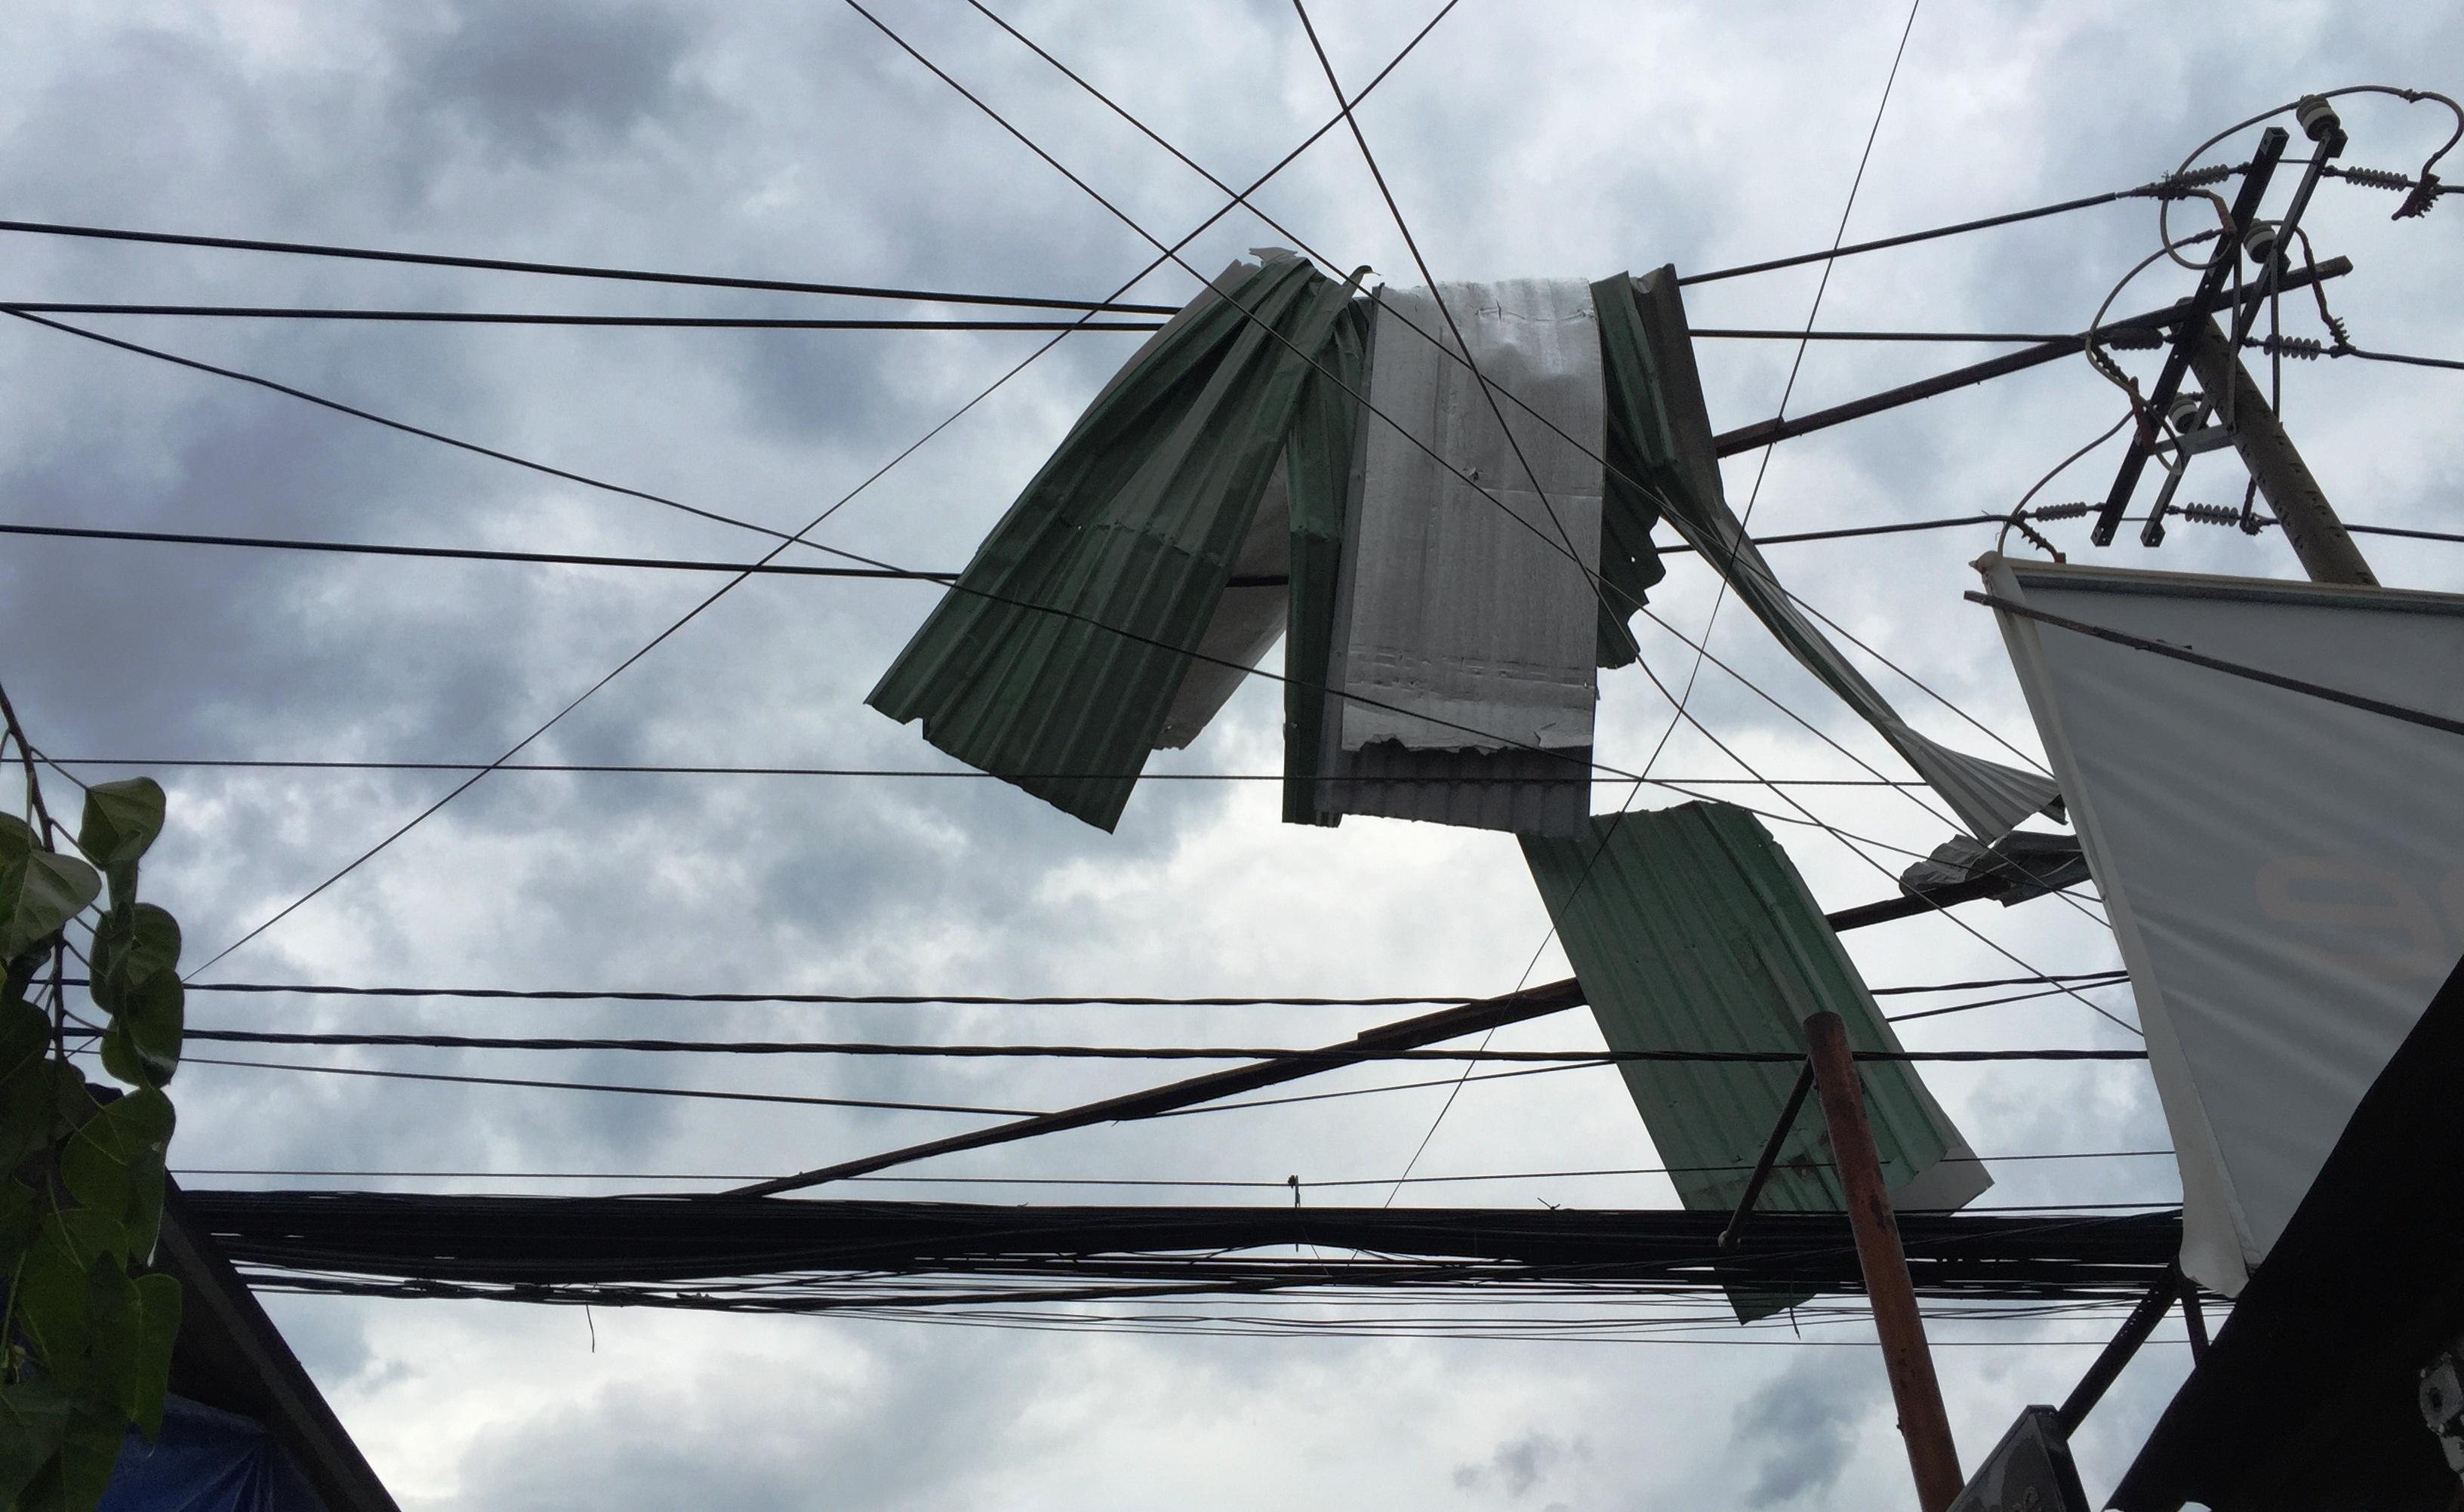 Thiên tai cùng lúc xảy ra gây thiệt hại nhiều căn nhà trên địa bàn quận 9, TPHCM.